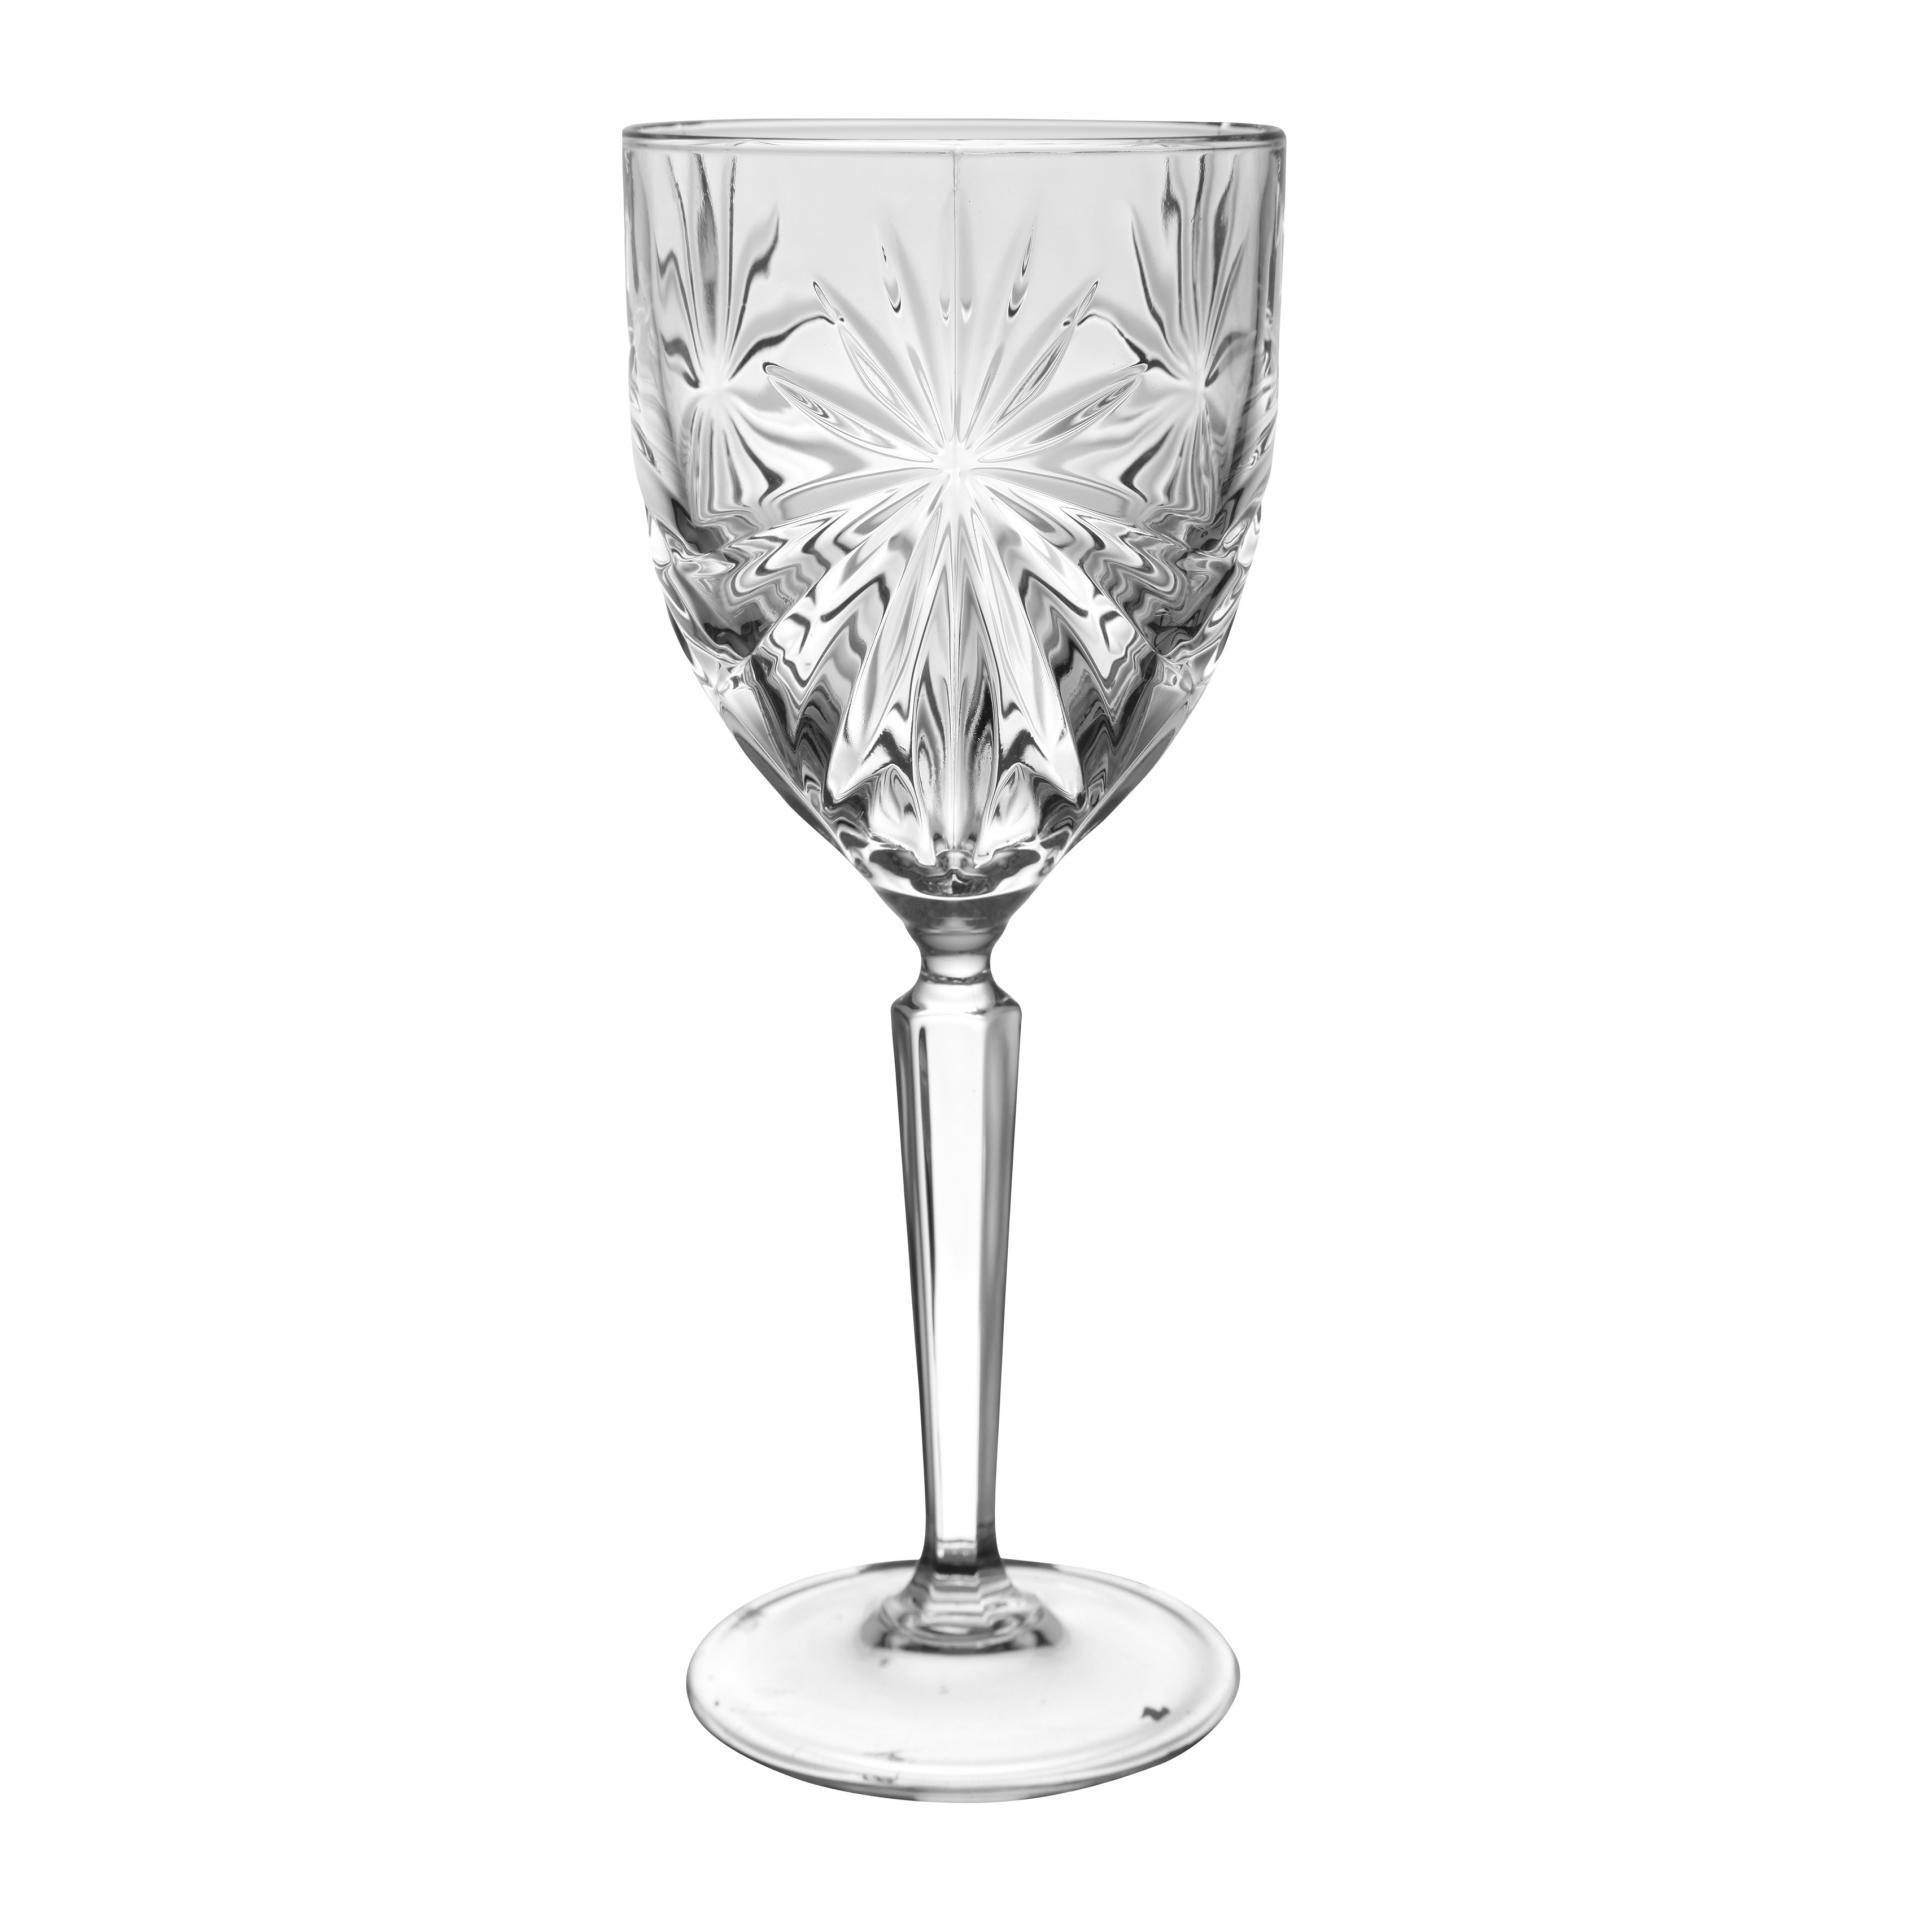 CÔTÉ TABLE Sklenička na víno Oasis 200ml, čirá barva, sklo